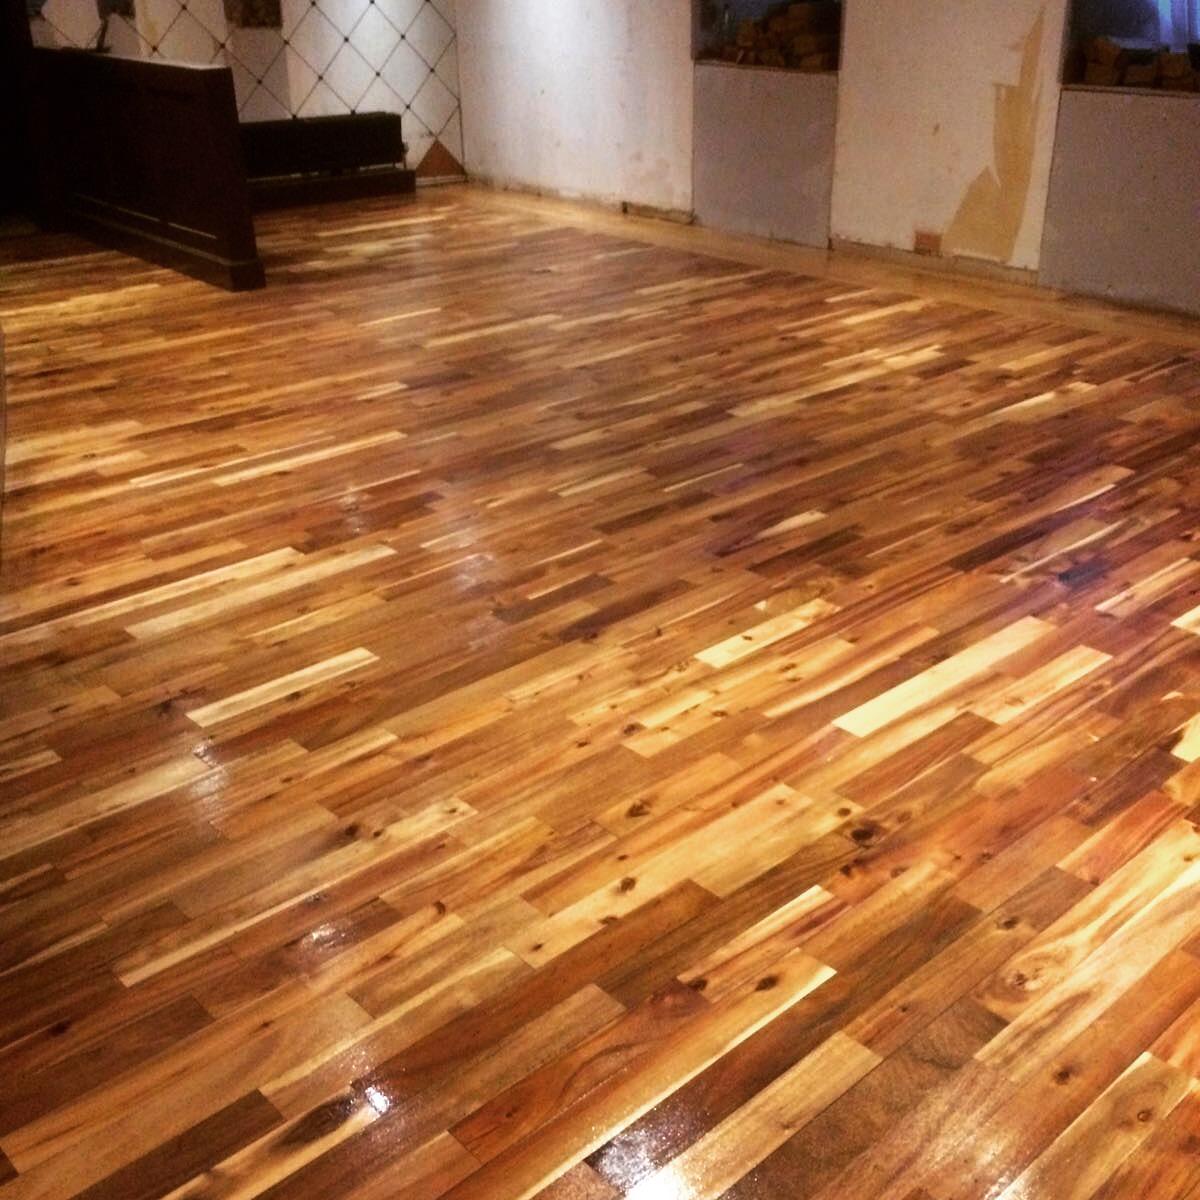 Dustless floor sanding first floors glasgow for Hardwood floors glasgow